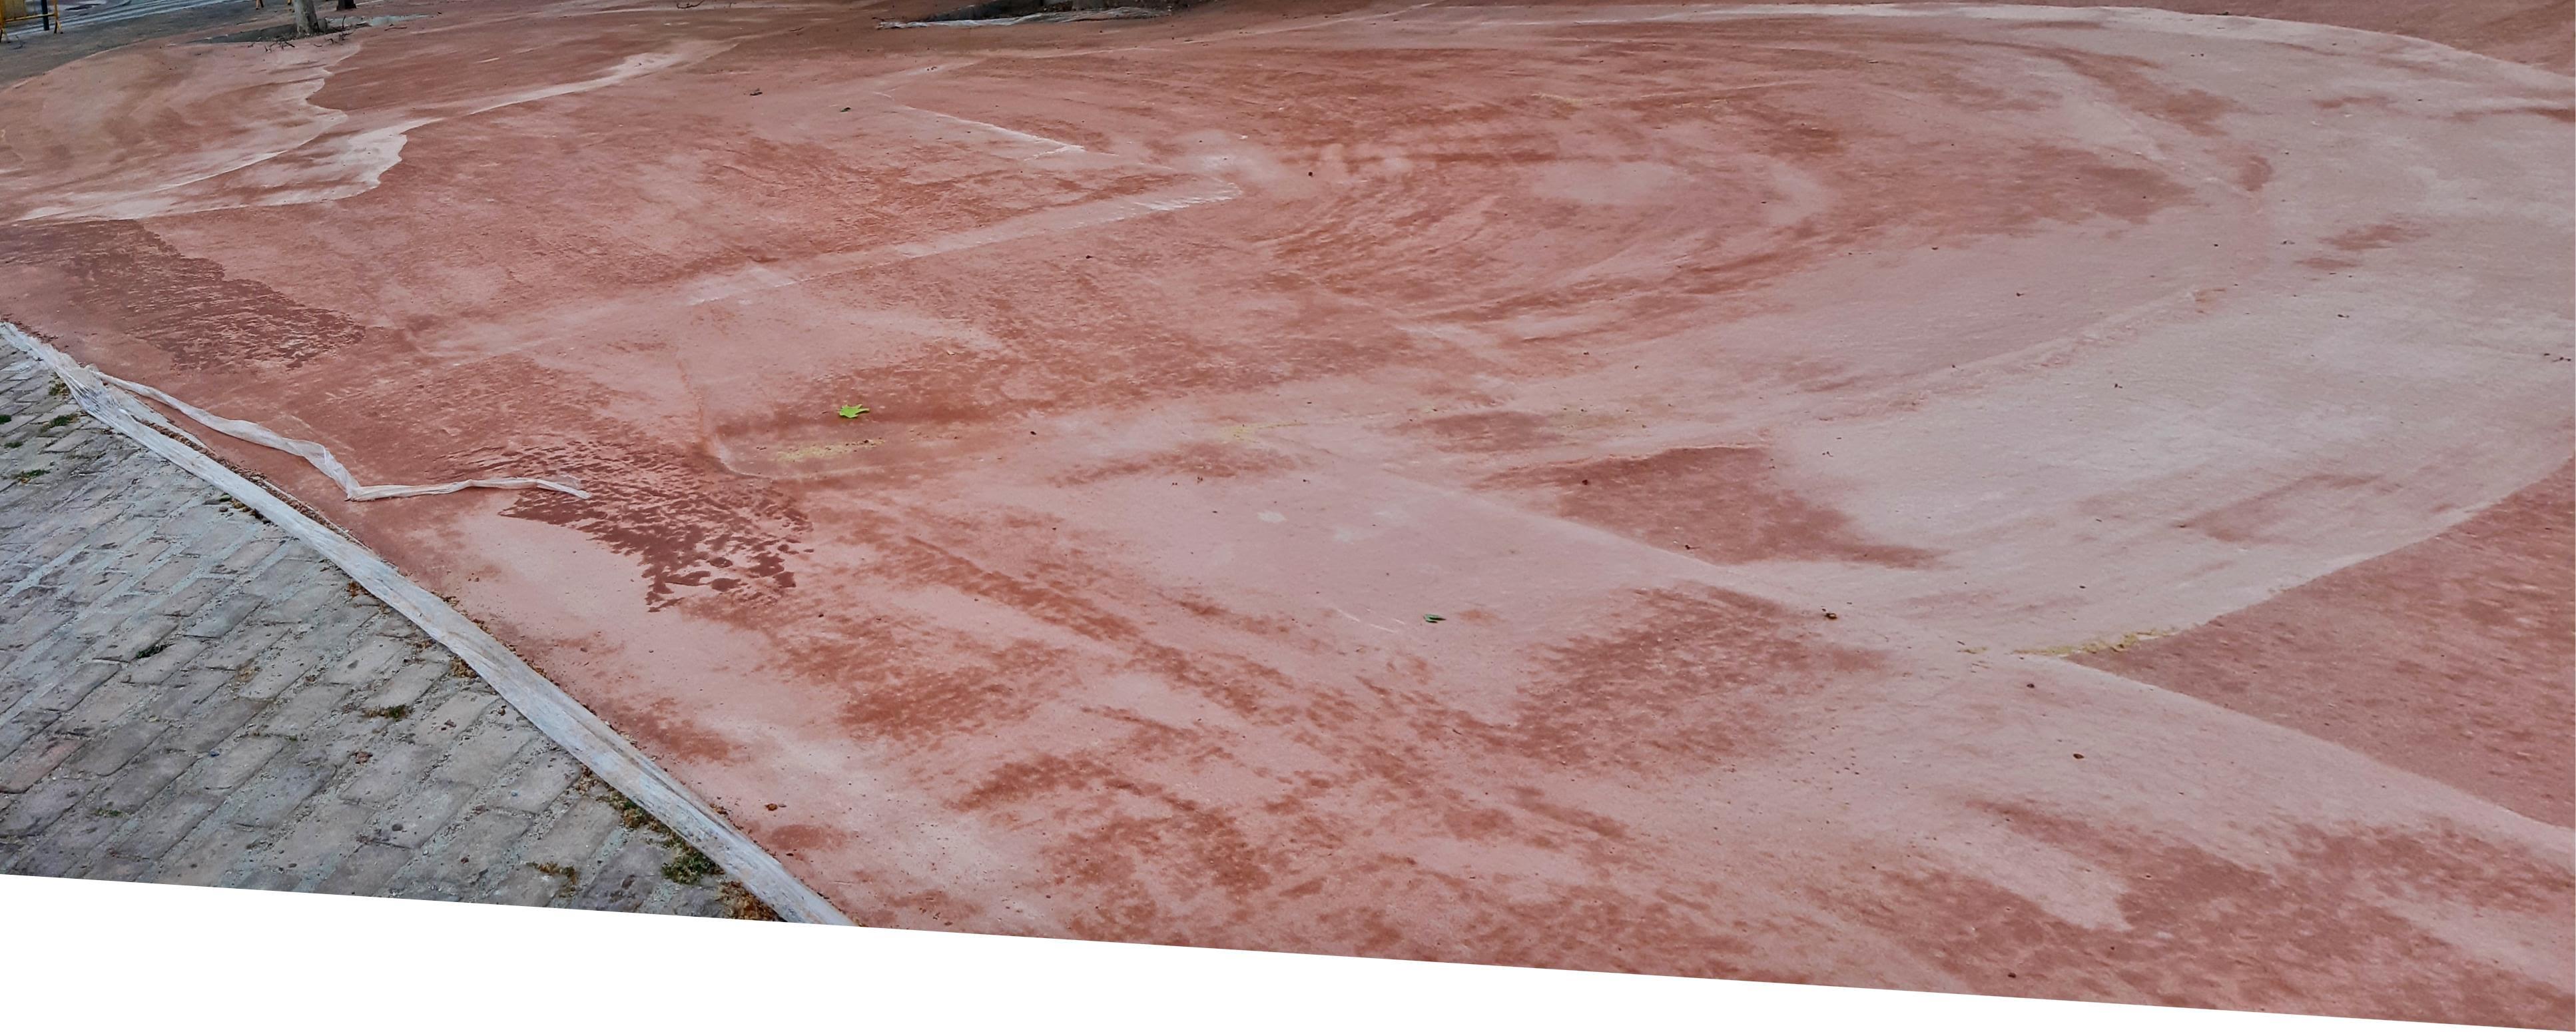 VOX pide una remodelación «digna» para la plaza Polo y Caña del distrito Beiro